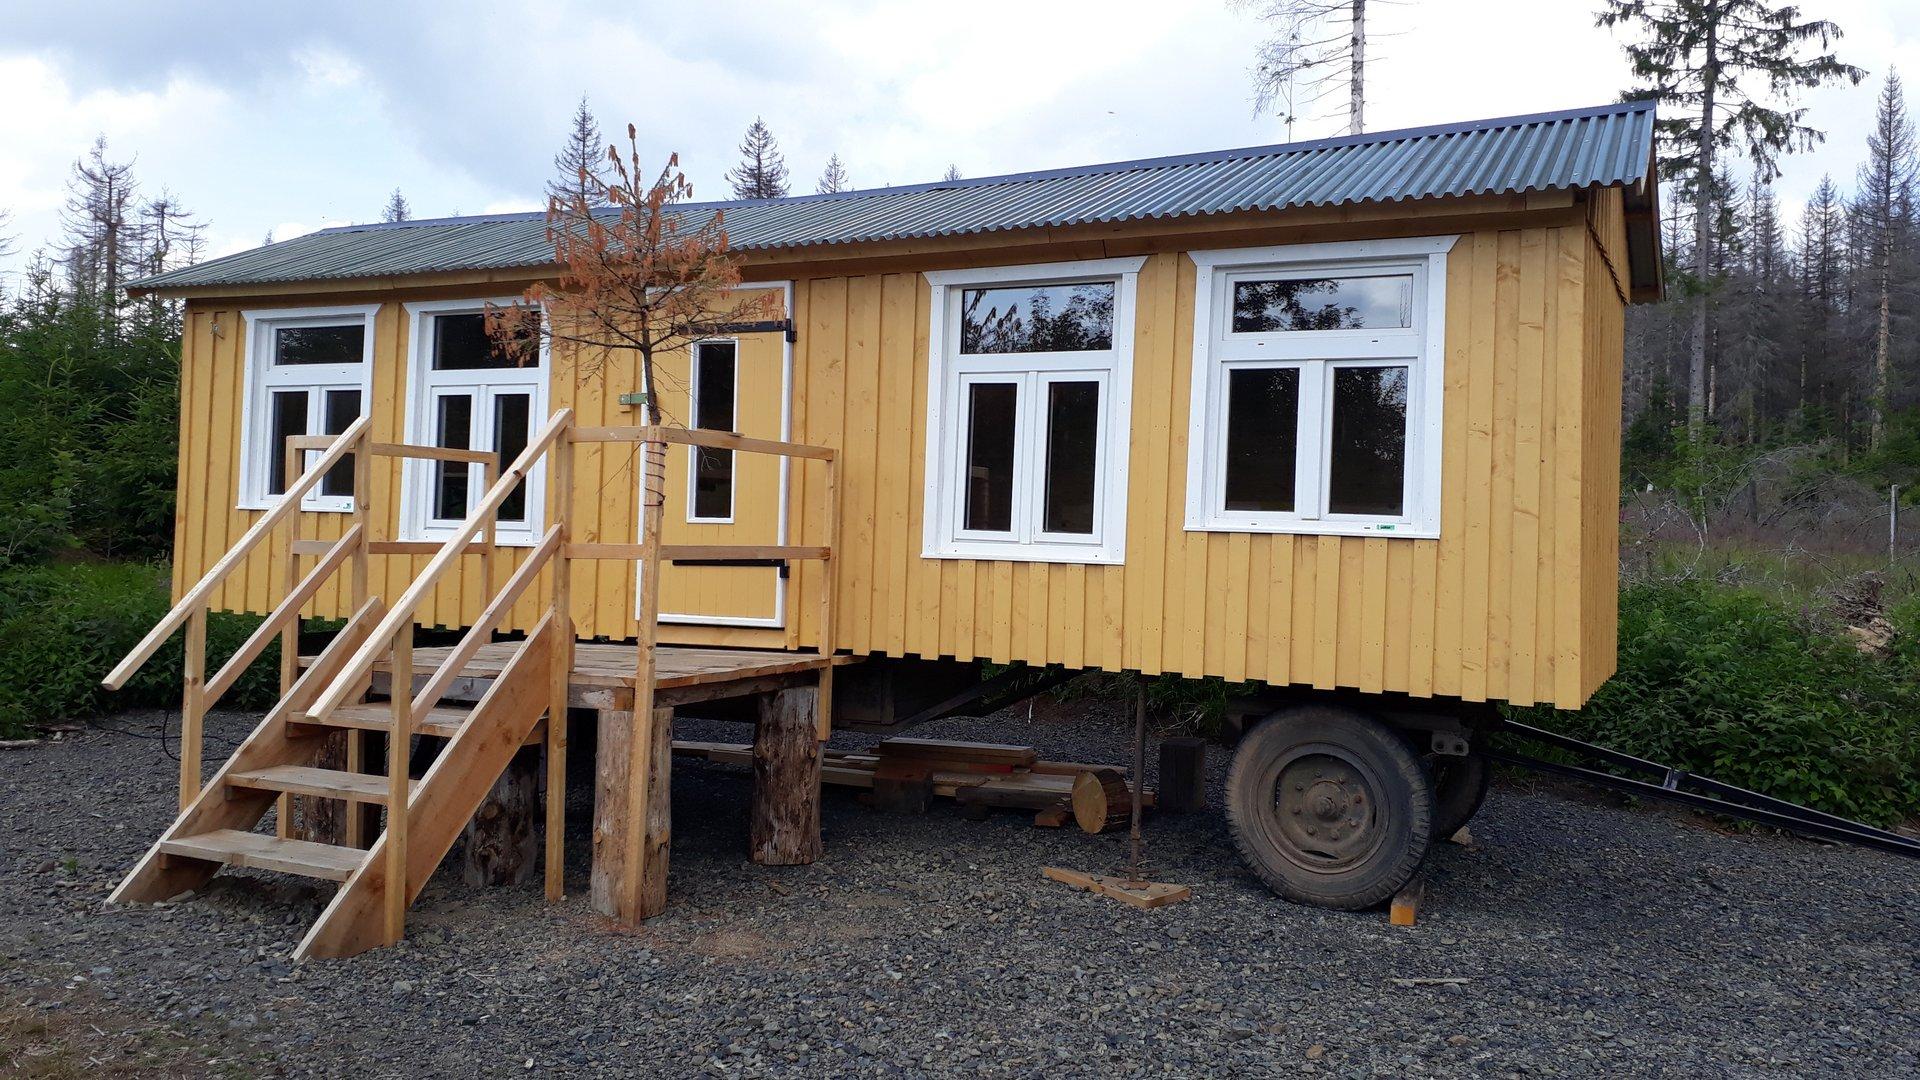 Das Waldlabor: ein gelber Holz-Bauwagen mit großen Fenstern auf einer Lichtung